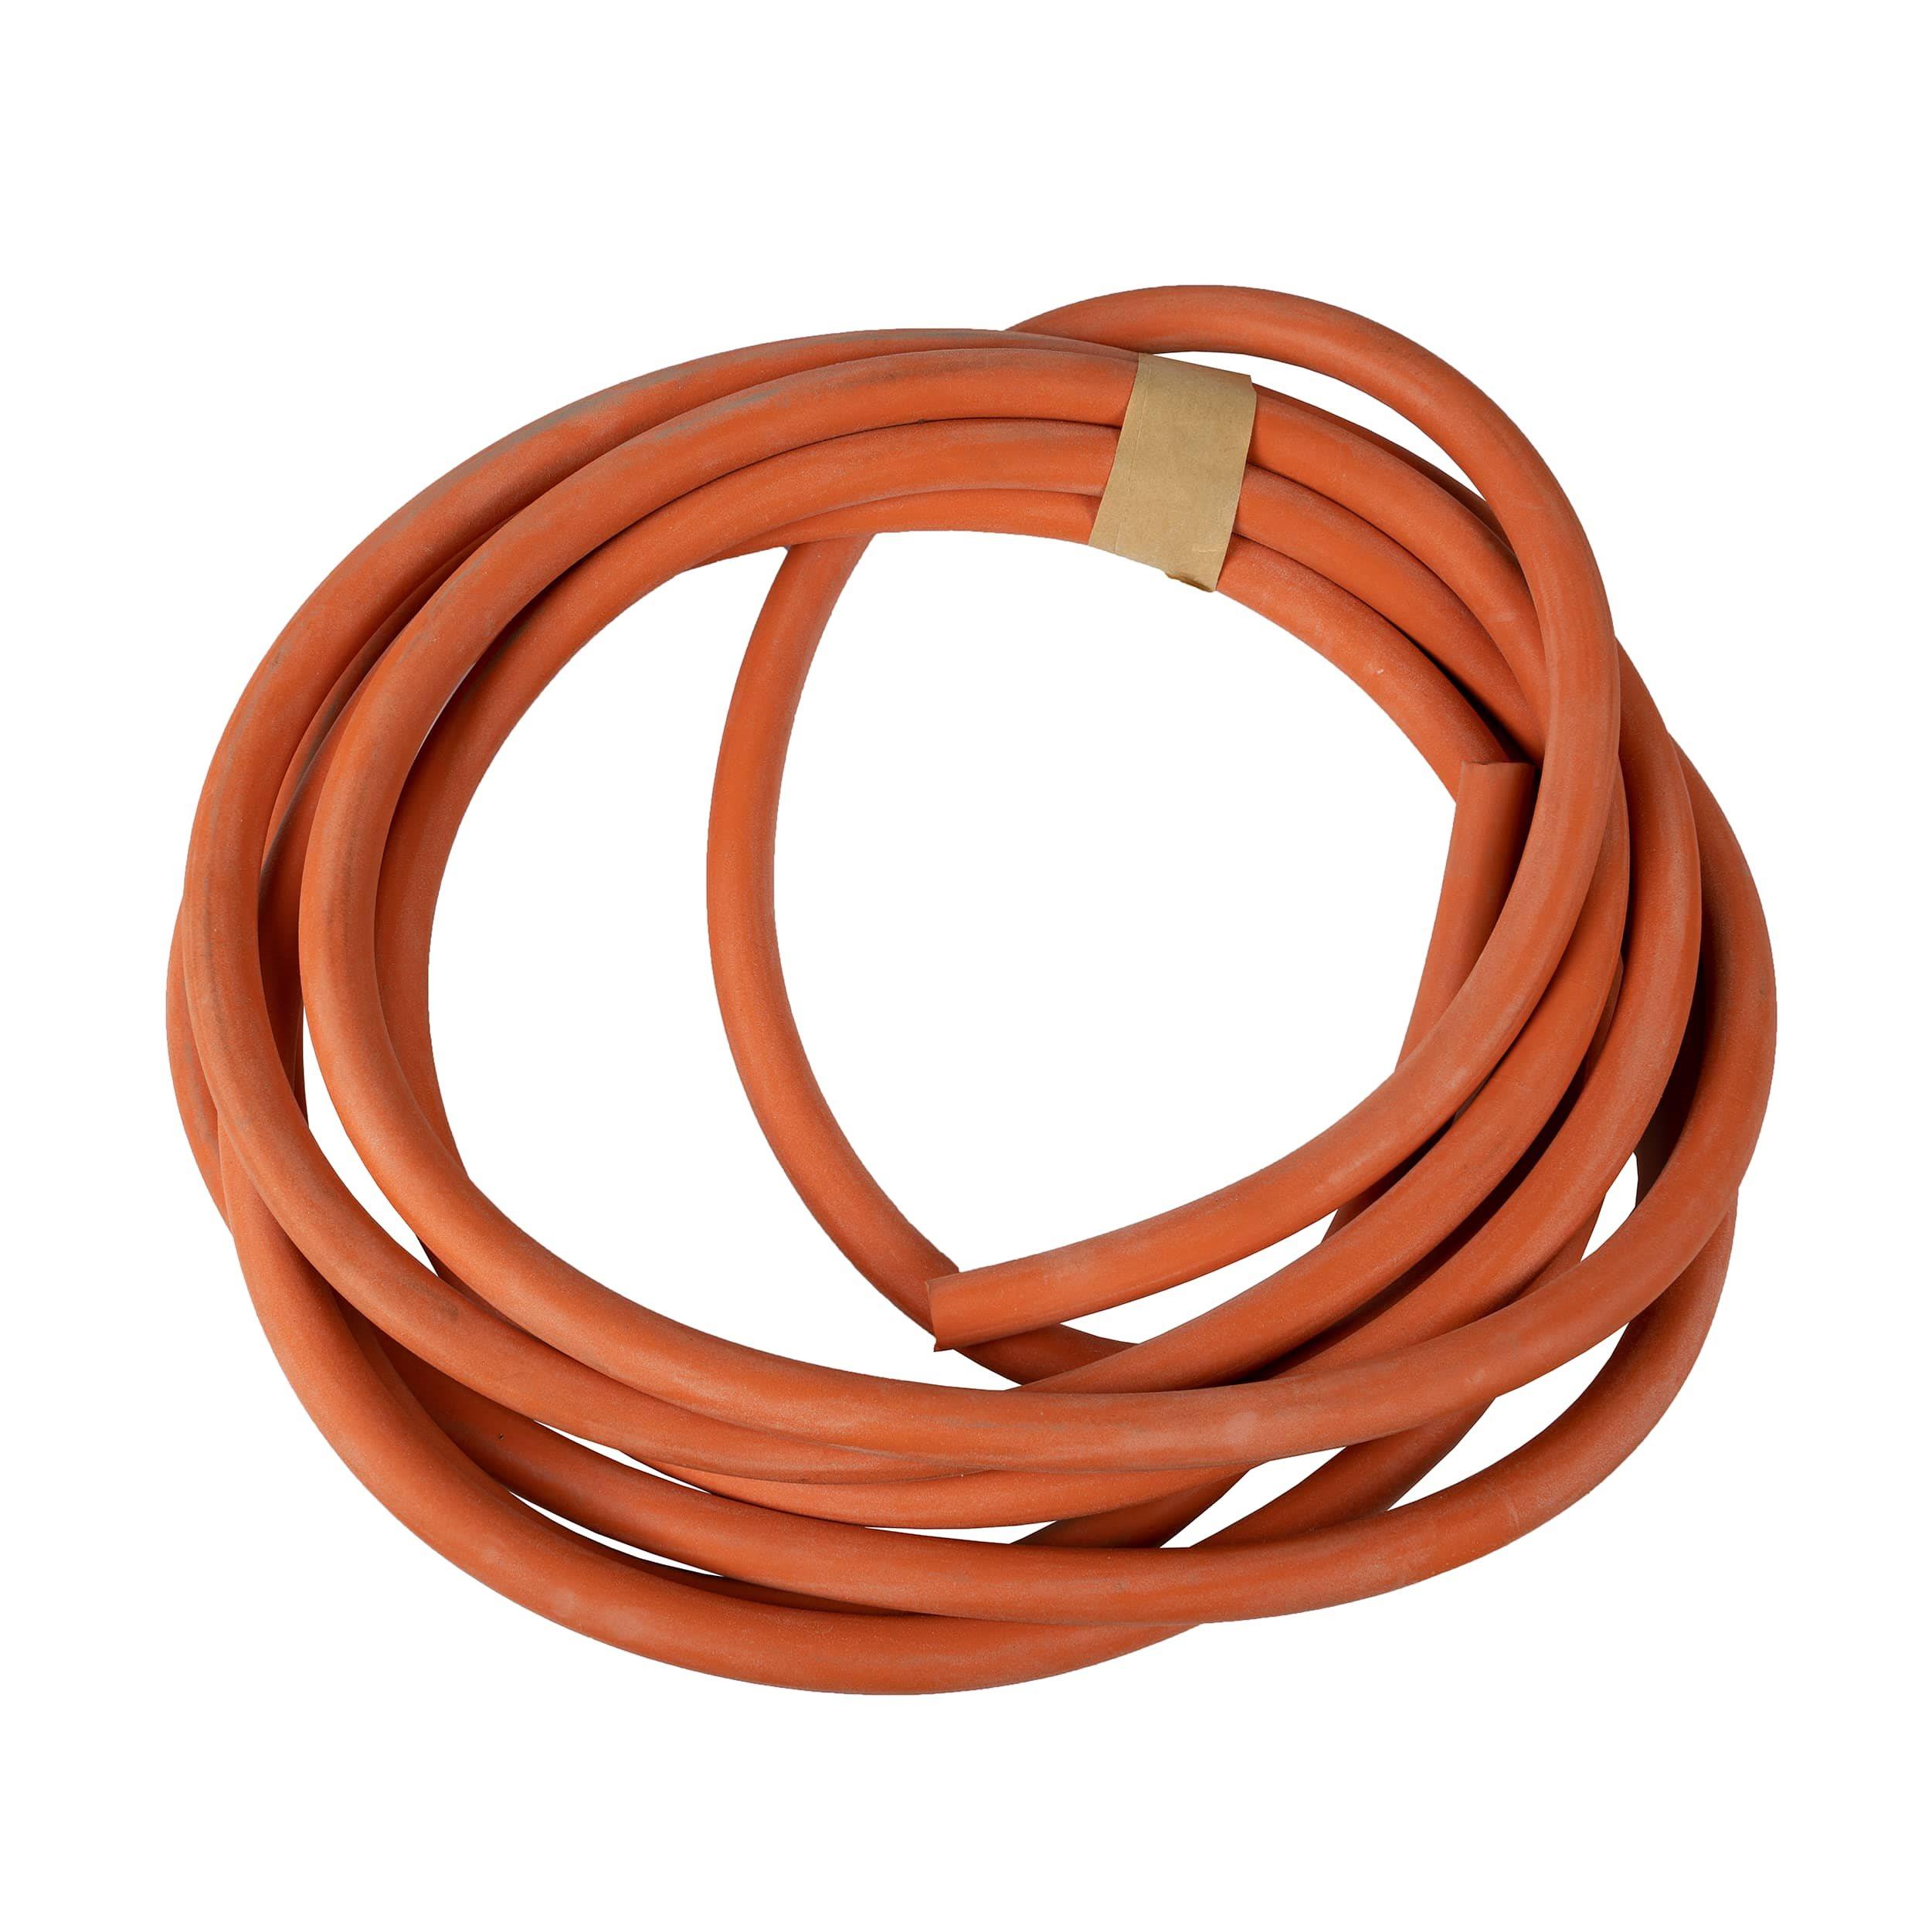 Hadice gumová oranžová 12mm x 4,5m